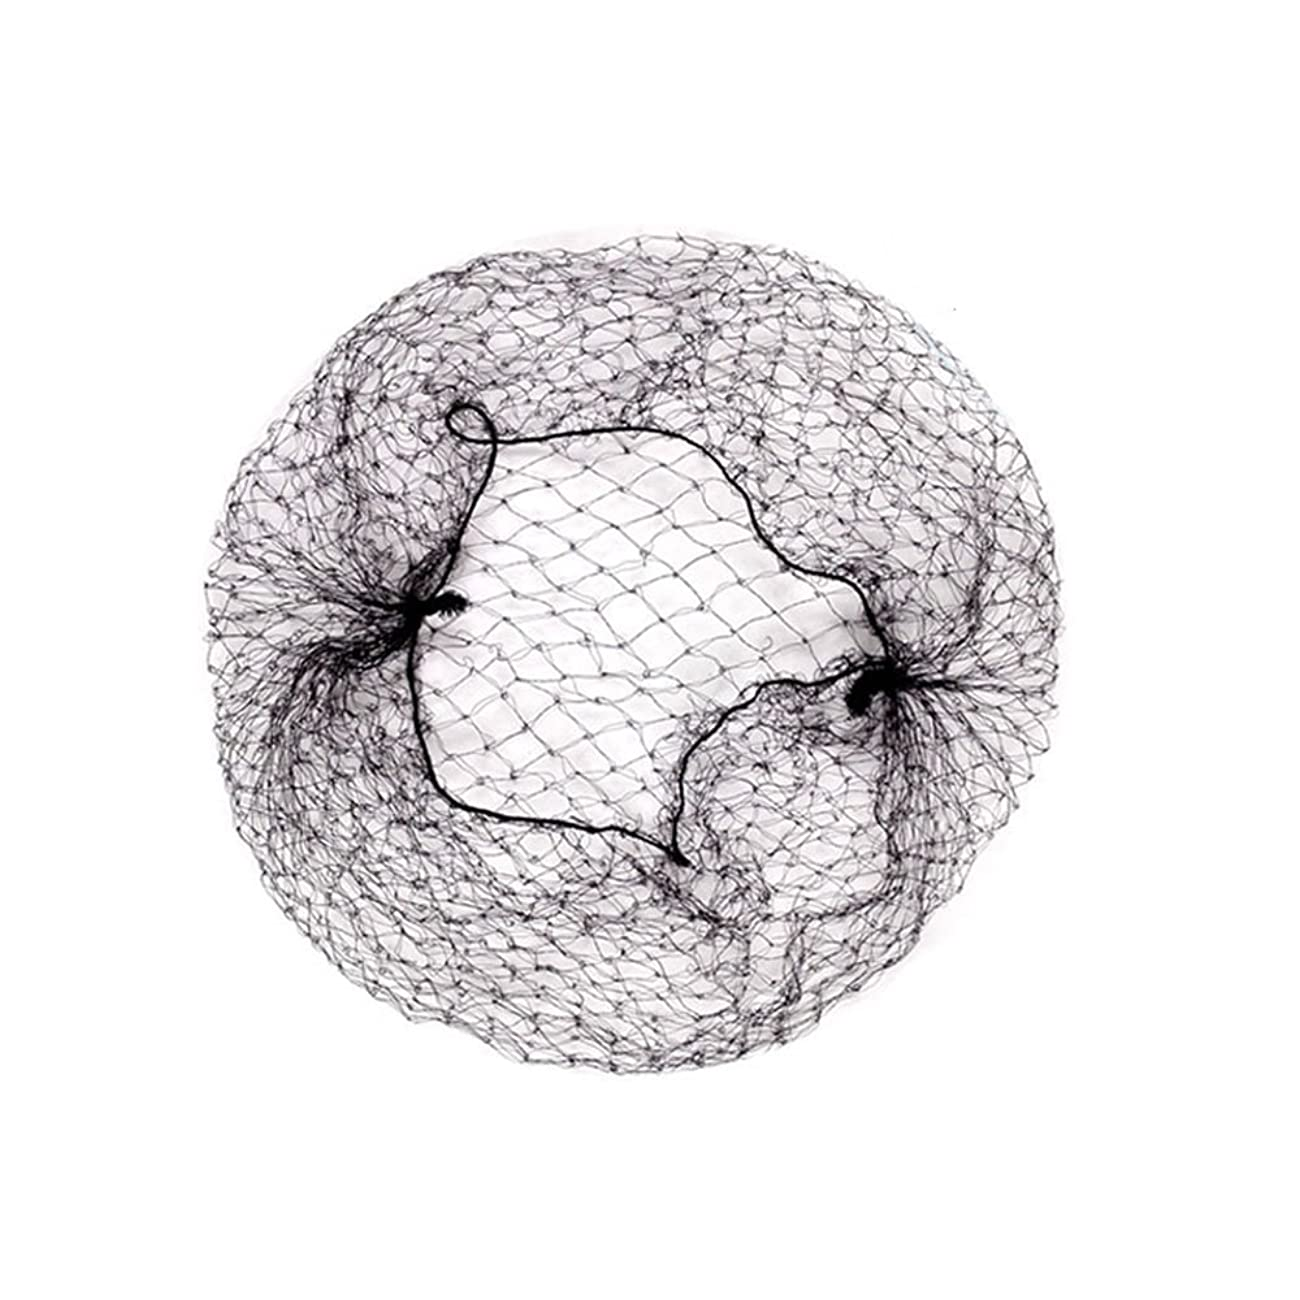 把握博物館同種の髪束ねネットセット(アシアナネット) ファッション小物 60枚セット